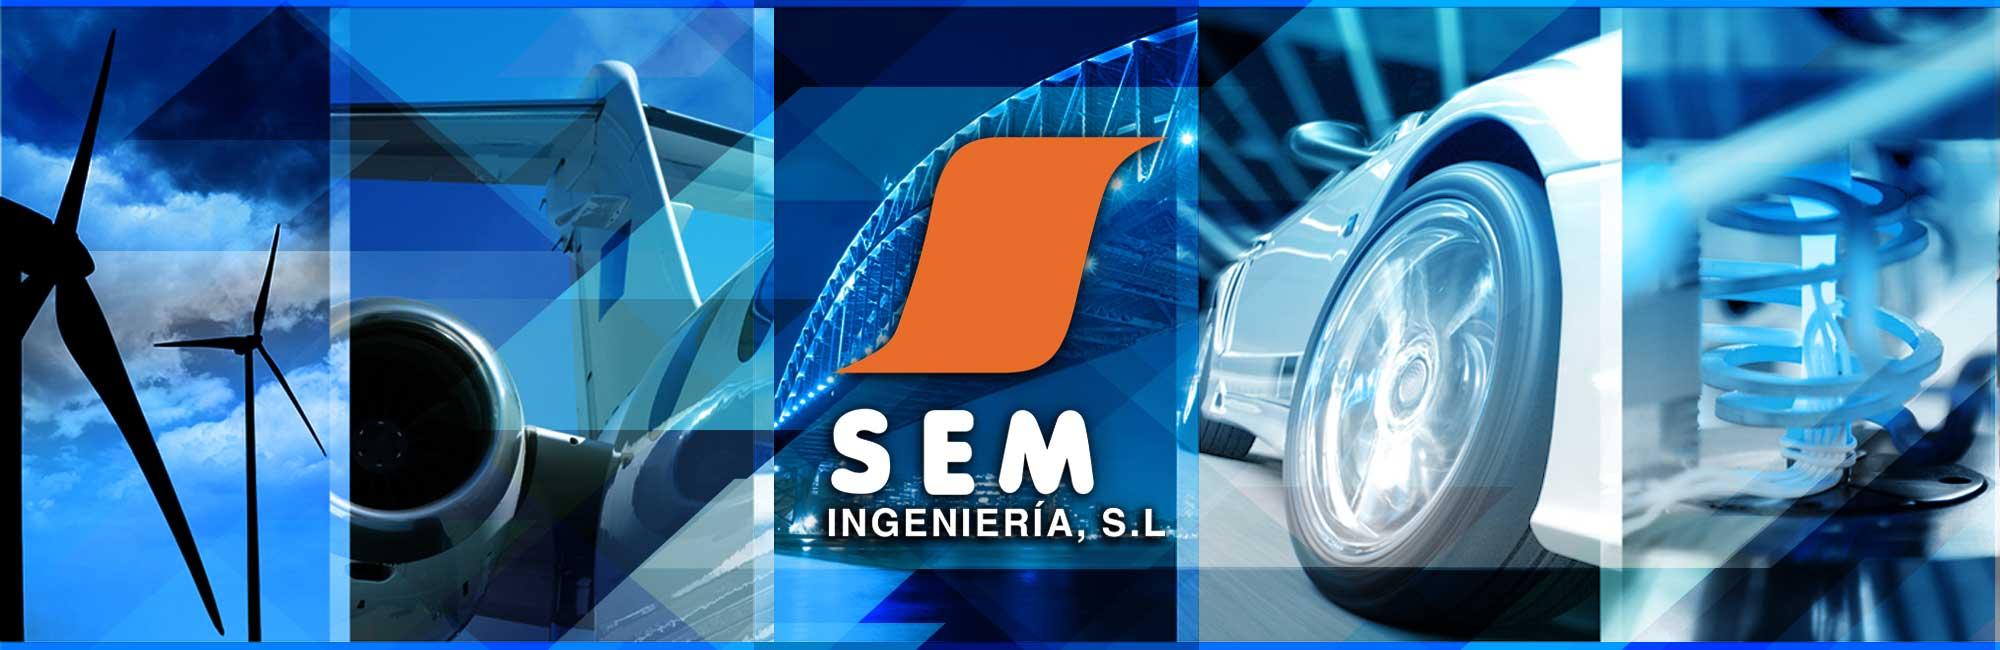 SEM INGENIERÍA, SL Soluciones de ensayo de materiales01